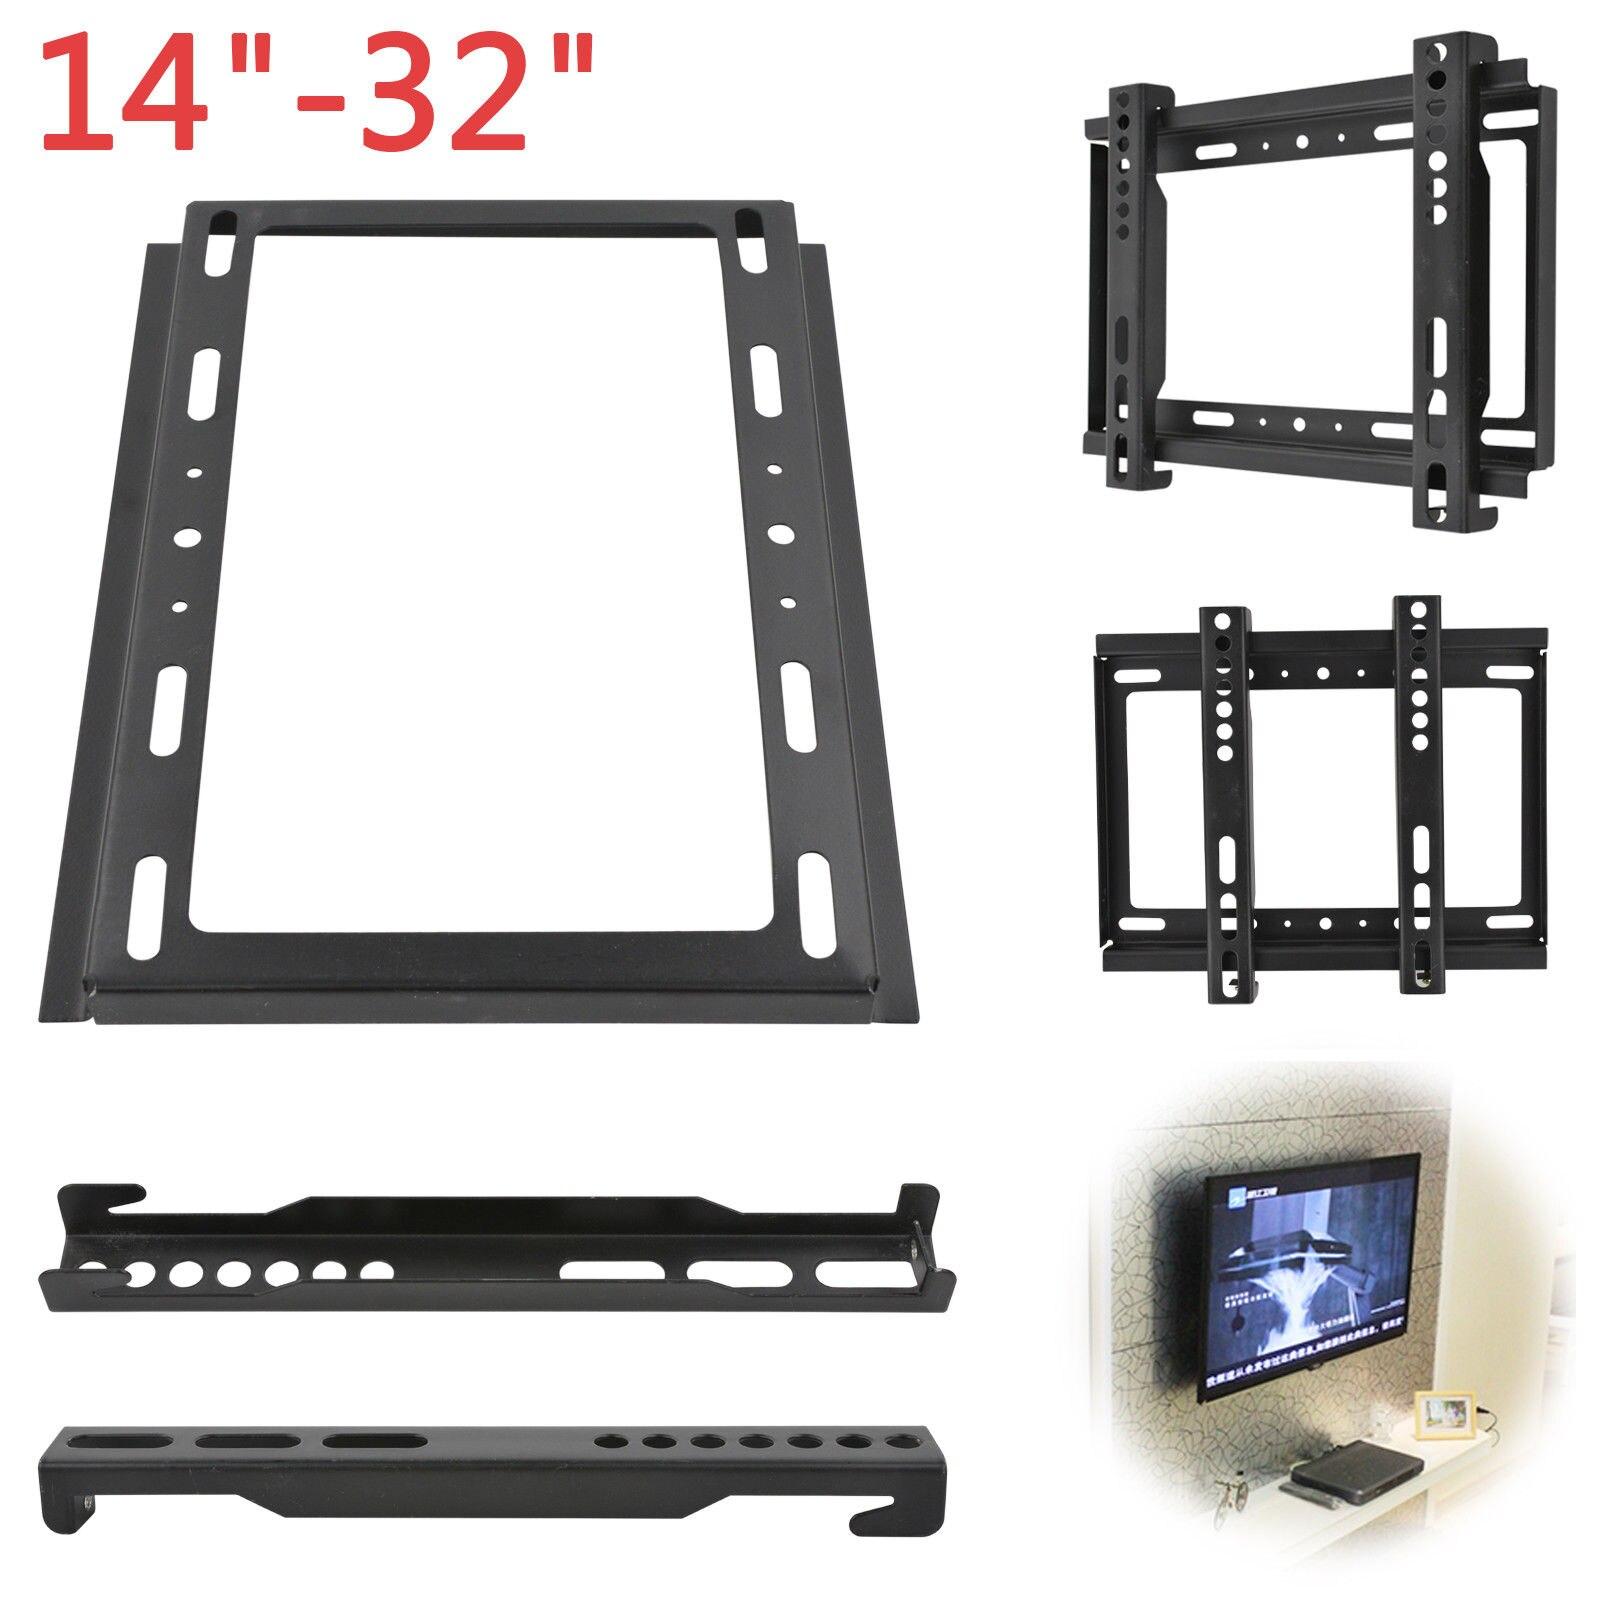 tv wall bracket mount tilt swivel 14 16 19 21 23 26 32 inch flat led lcd monitortv wall bracket mount tilt swivel 14 16 19 21 23 26 32 inch flat led lcd monitor